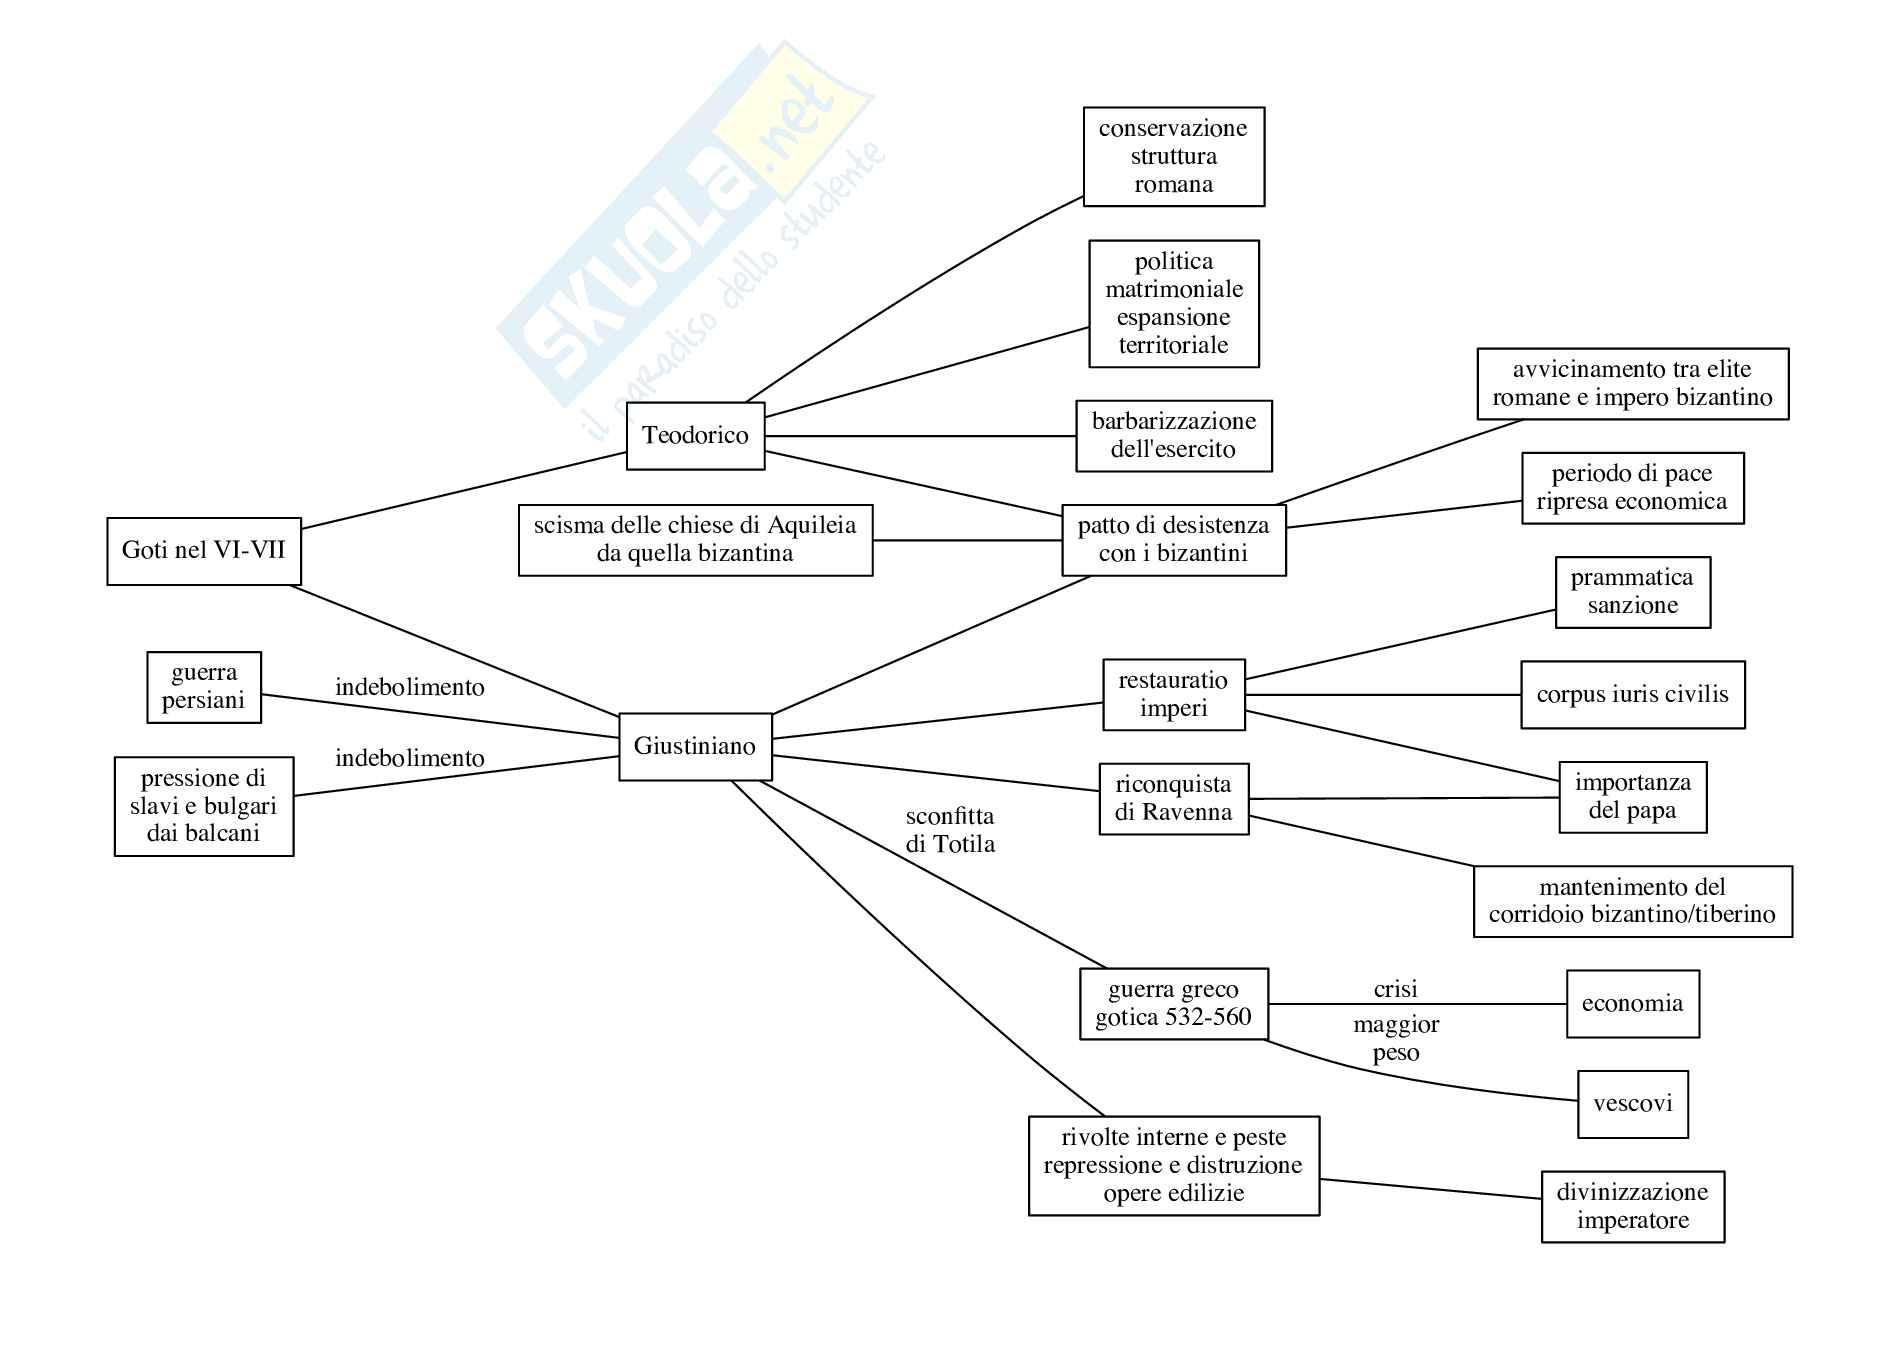 Storia medievale: appunti organizzati in mappe concettuali Pag. 2